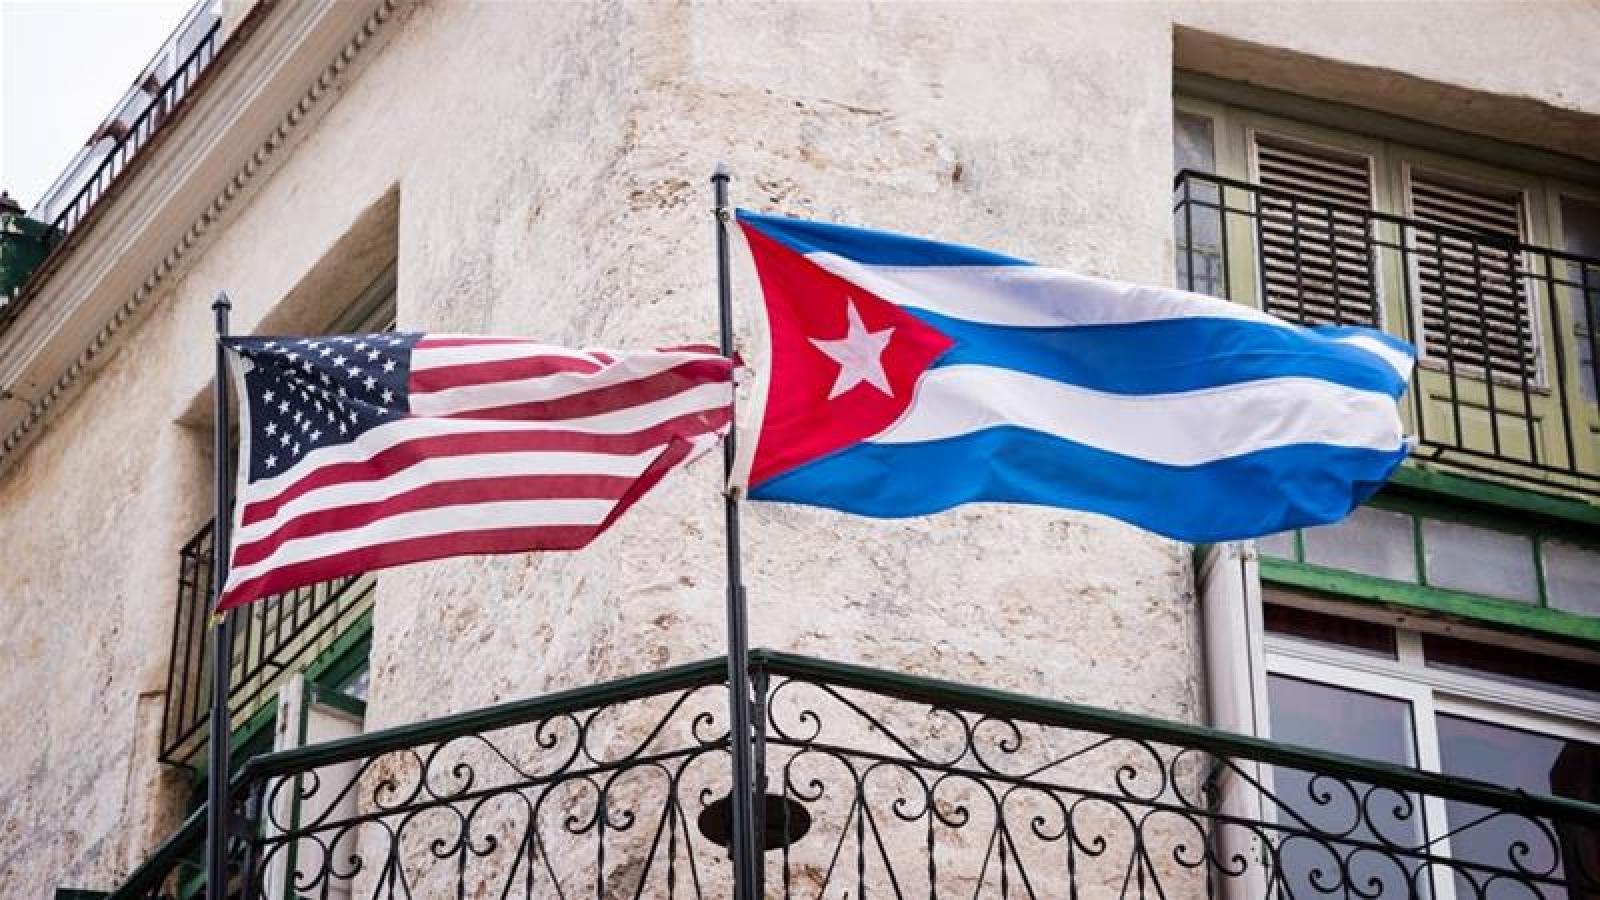 Quan hệ Mỹ-Cuba: Sóng gió chưa yên